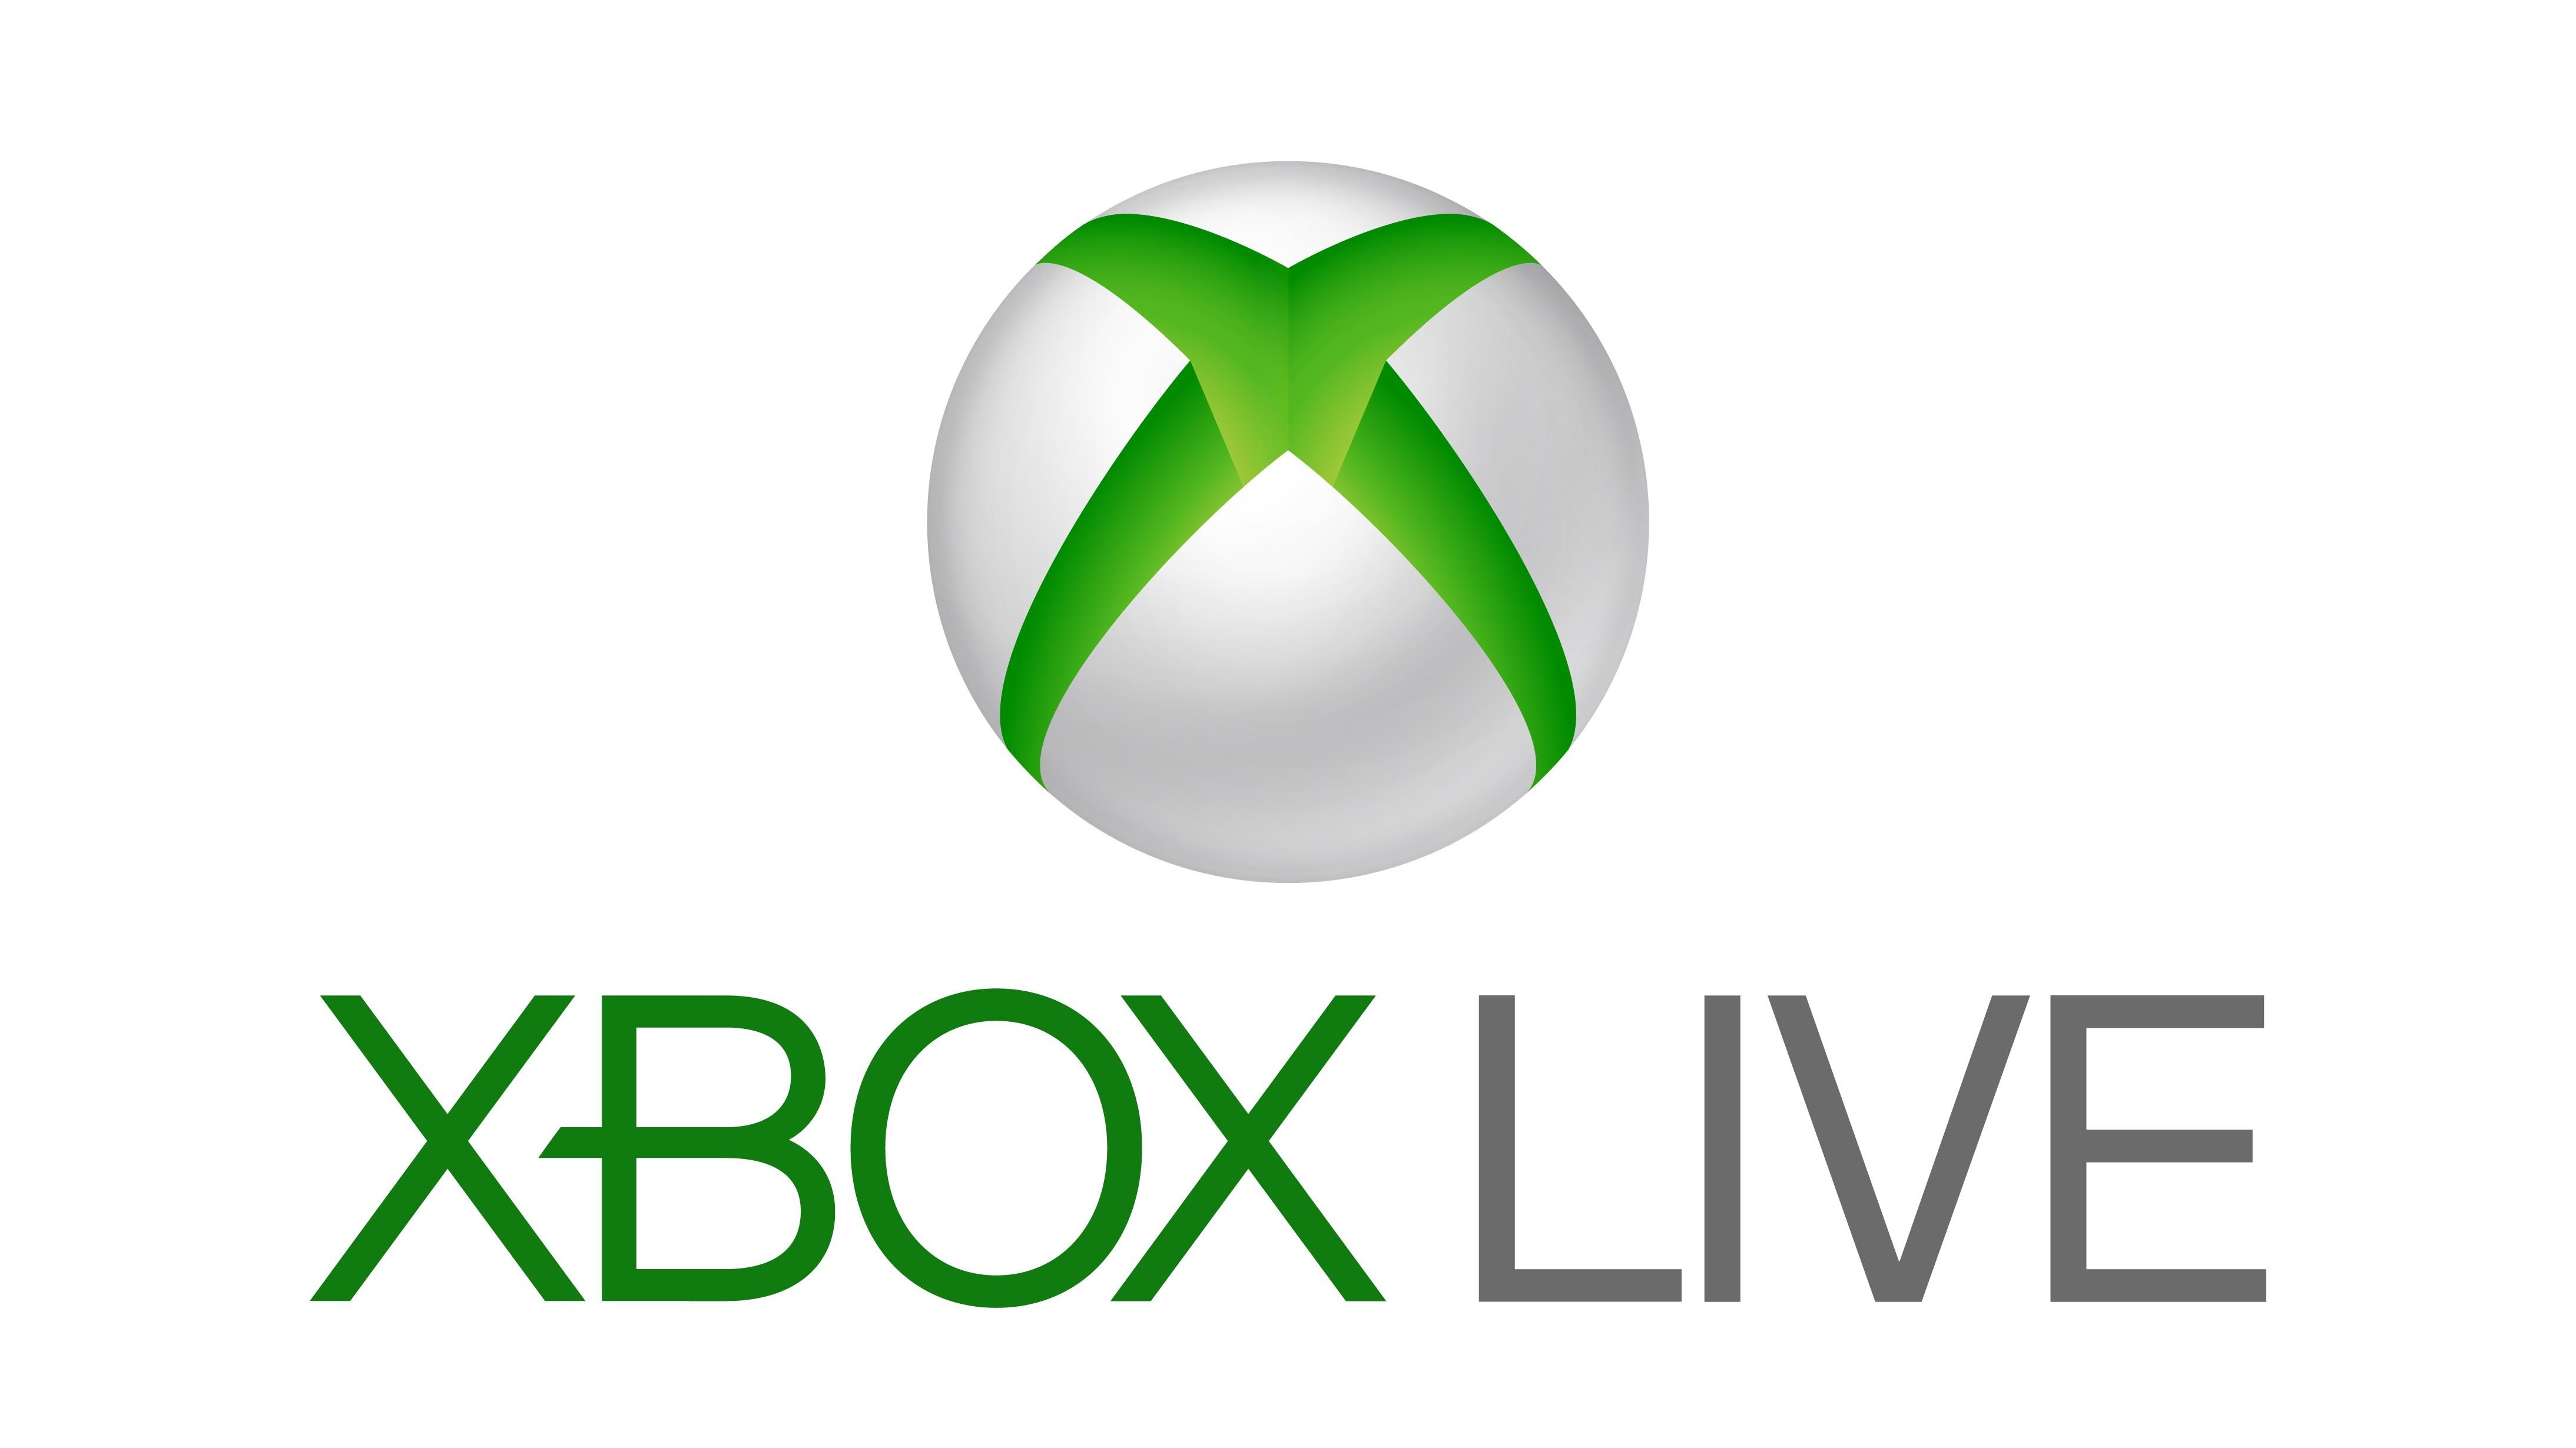 Microsoft advarer mot at angrep etter at sikkerhetssertifikater ble offentliggjort.